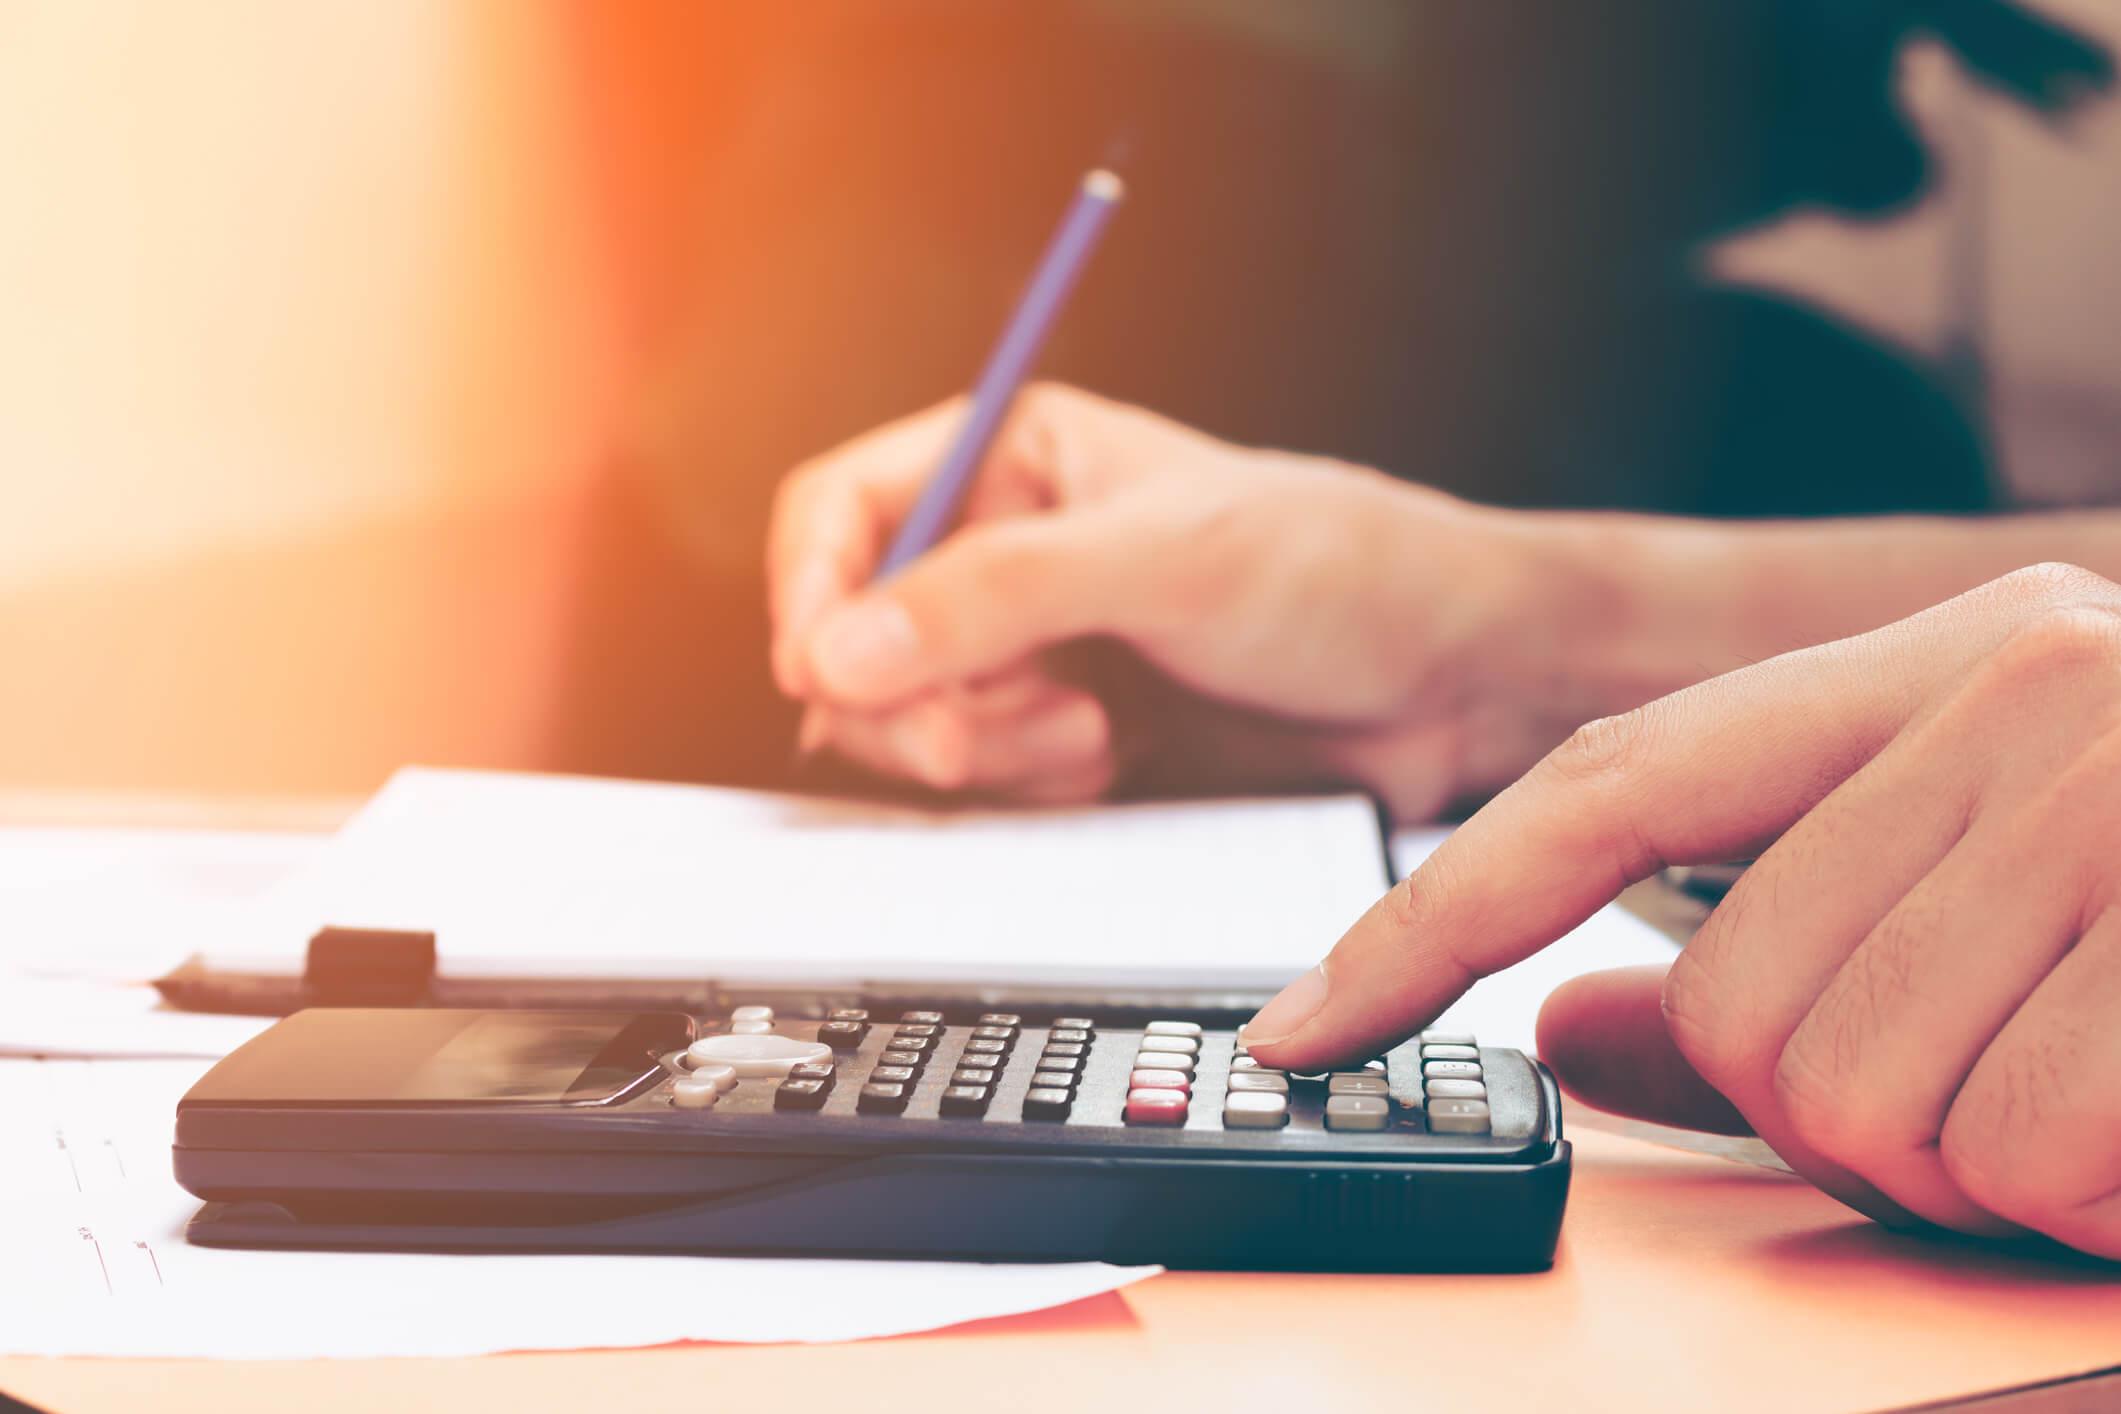 O que é análise de crédito e qual a sua importância no financiamento de um imóvel? Saiba tudo sobre o assunto em nosso artigo!